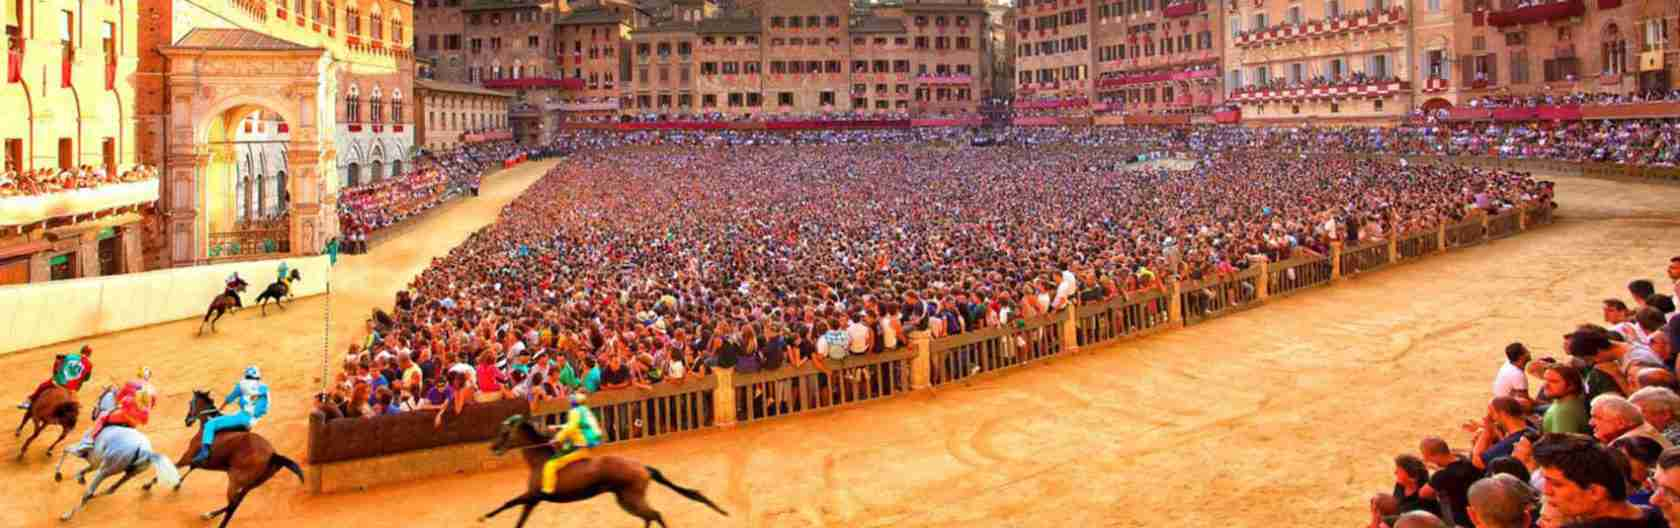 Le escort Siena amano l'eccitazione e l'adrenalina del Palio di Siena. Magica escort